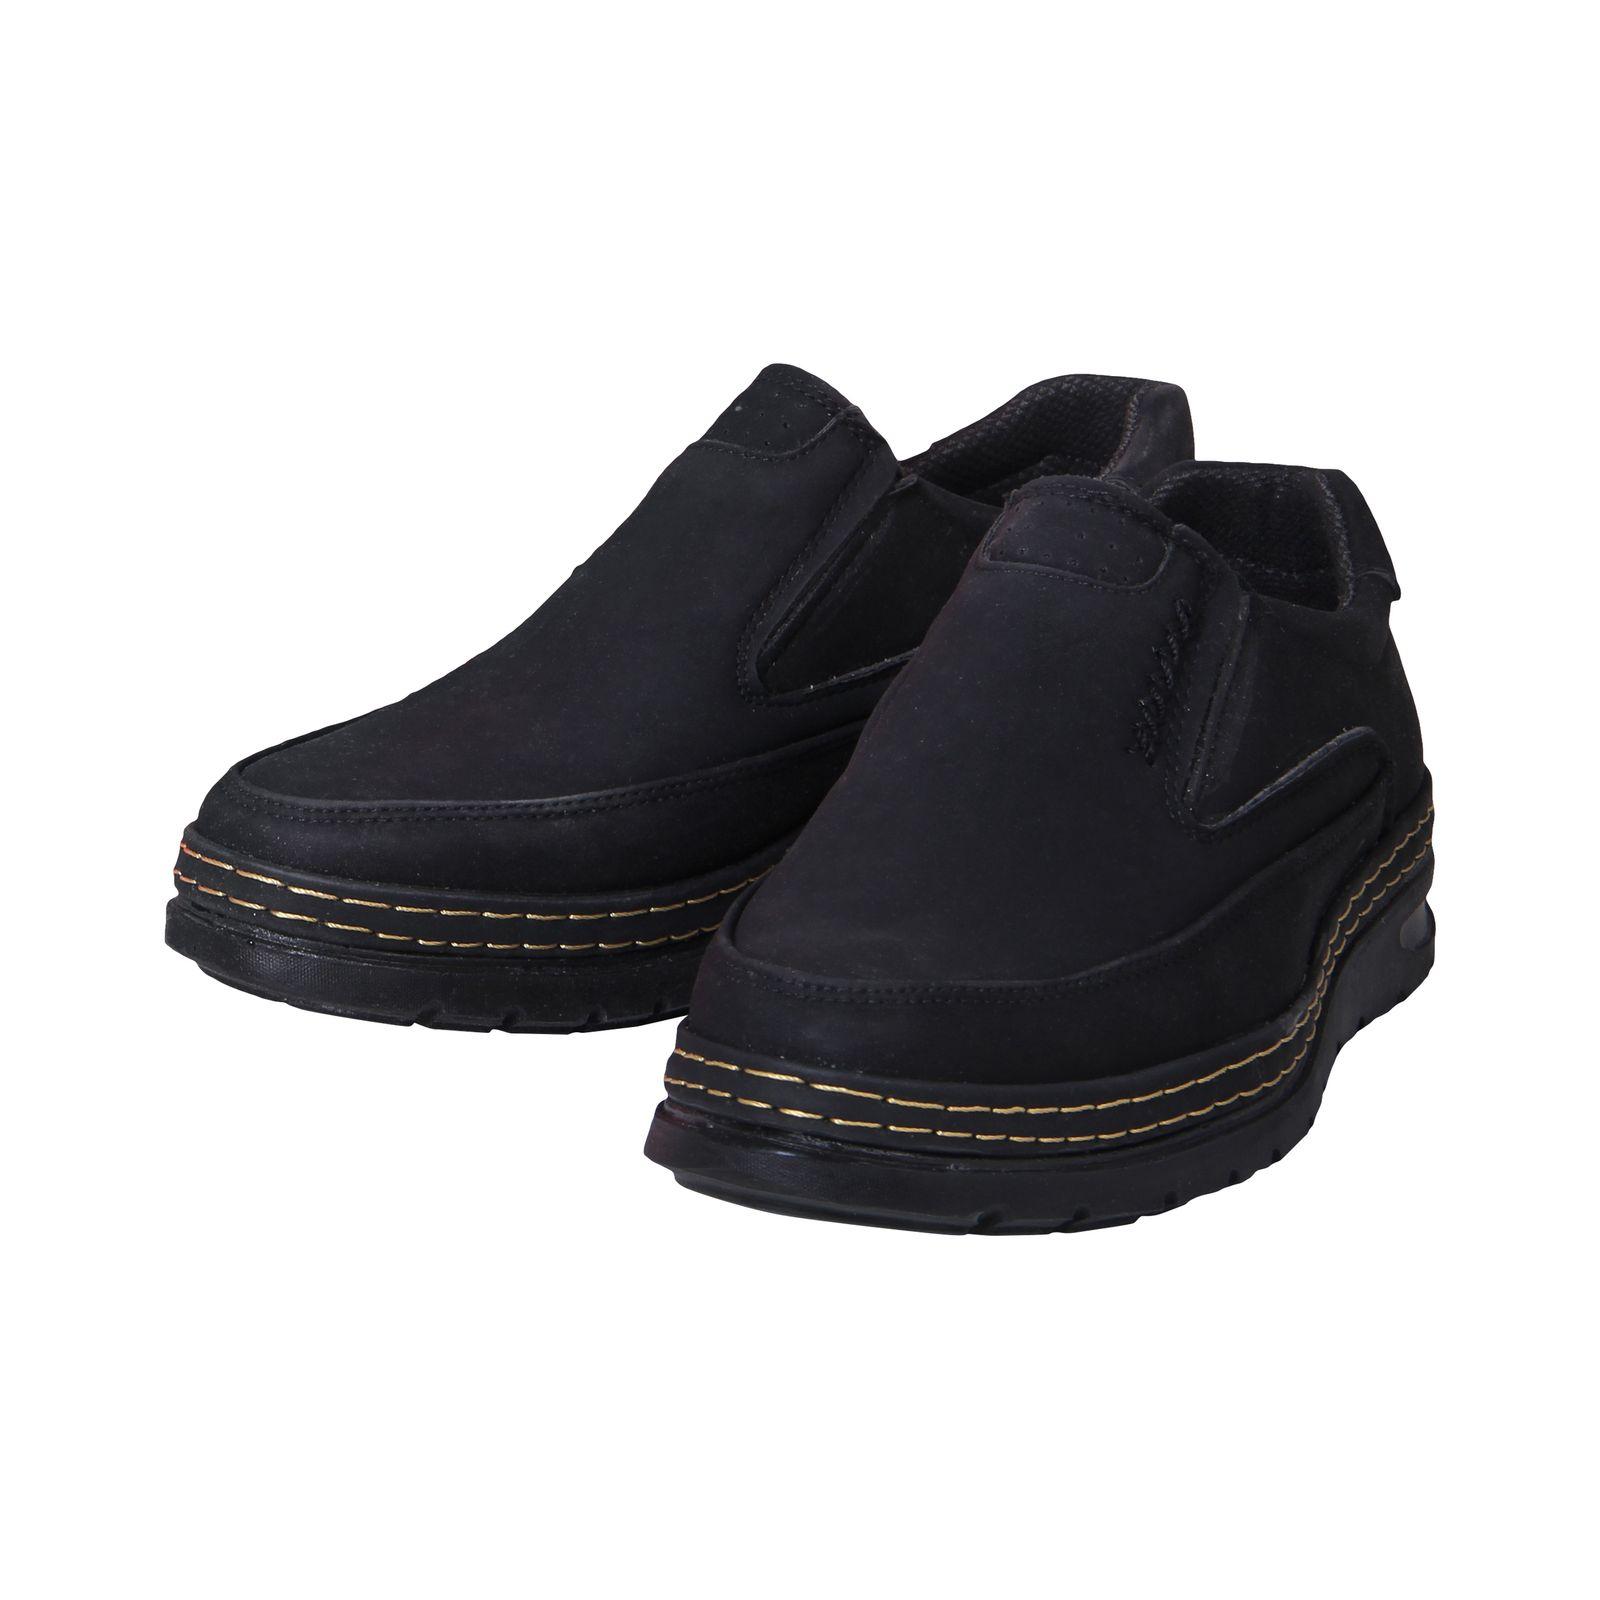 کفش روزمره مردانه کد 1-39973 -  - 5